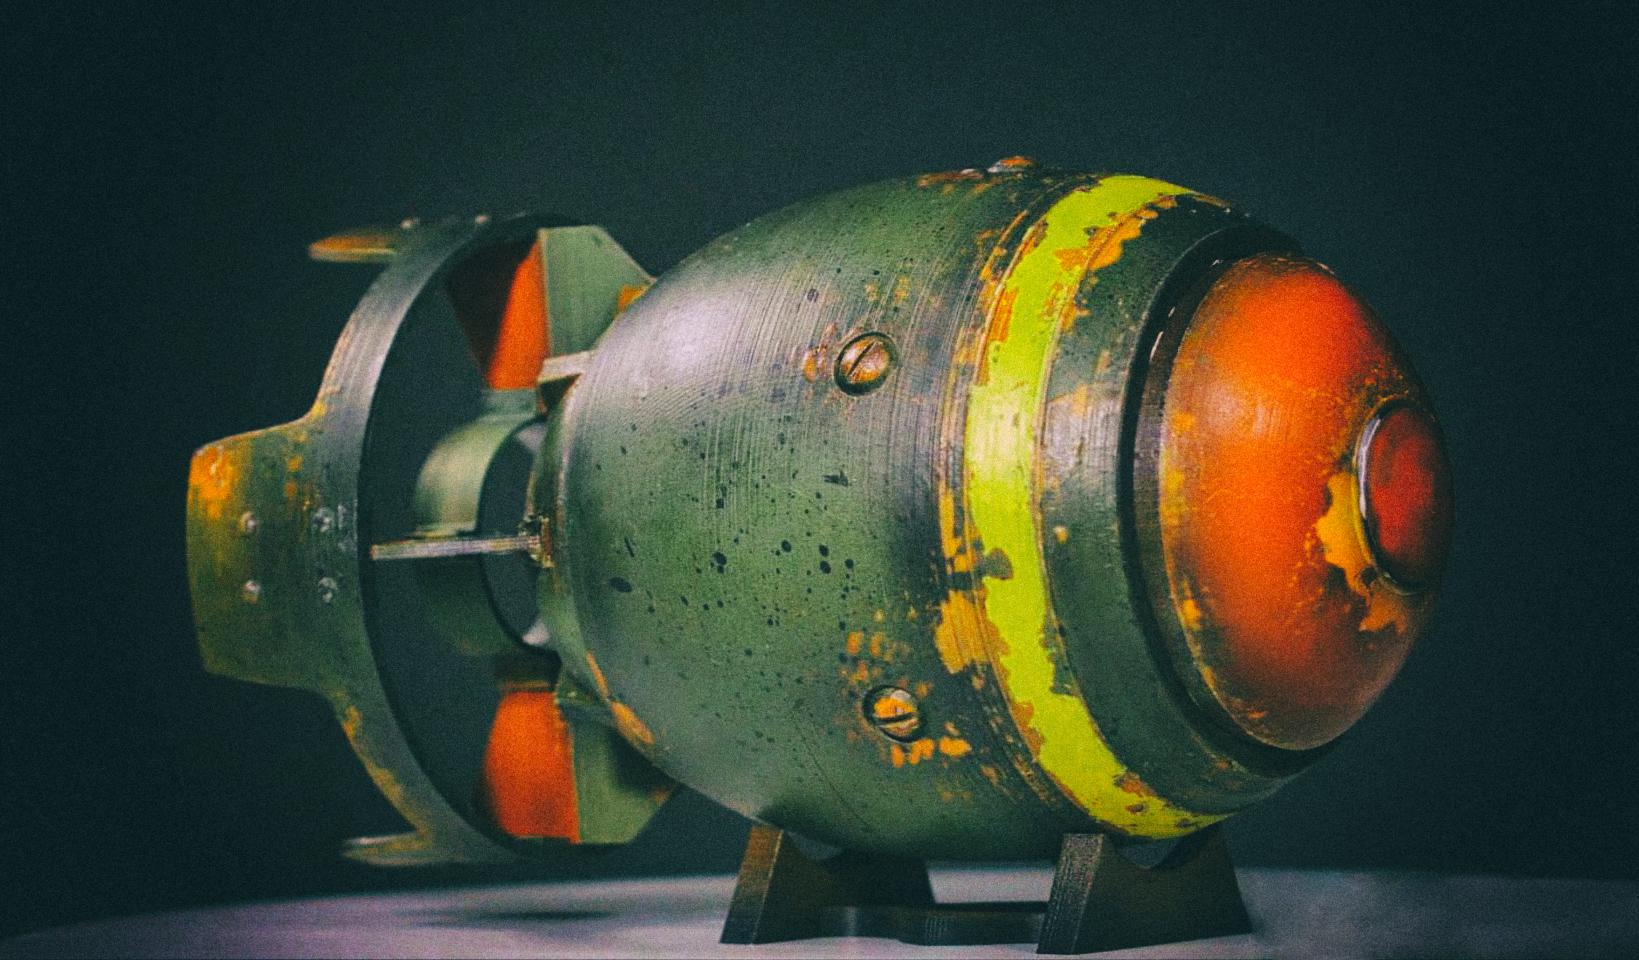 С помощью 3D-печати можно создать оружие массового поражения